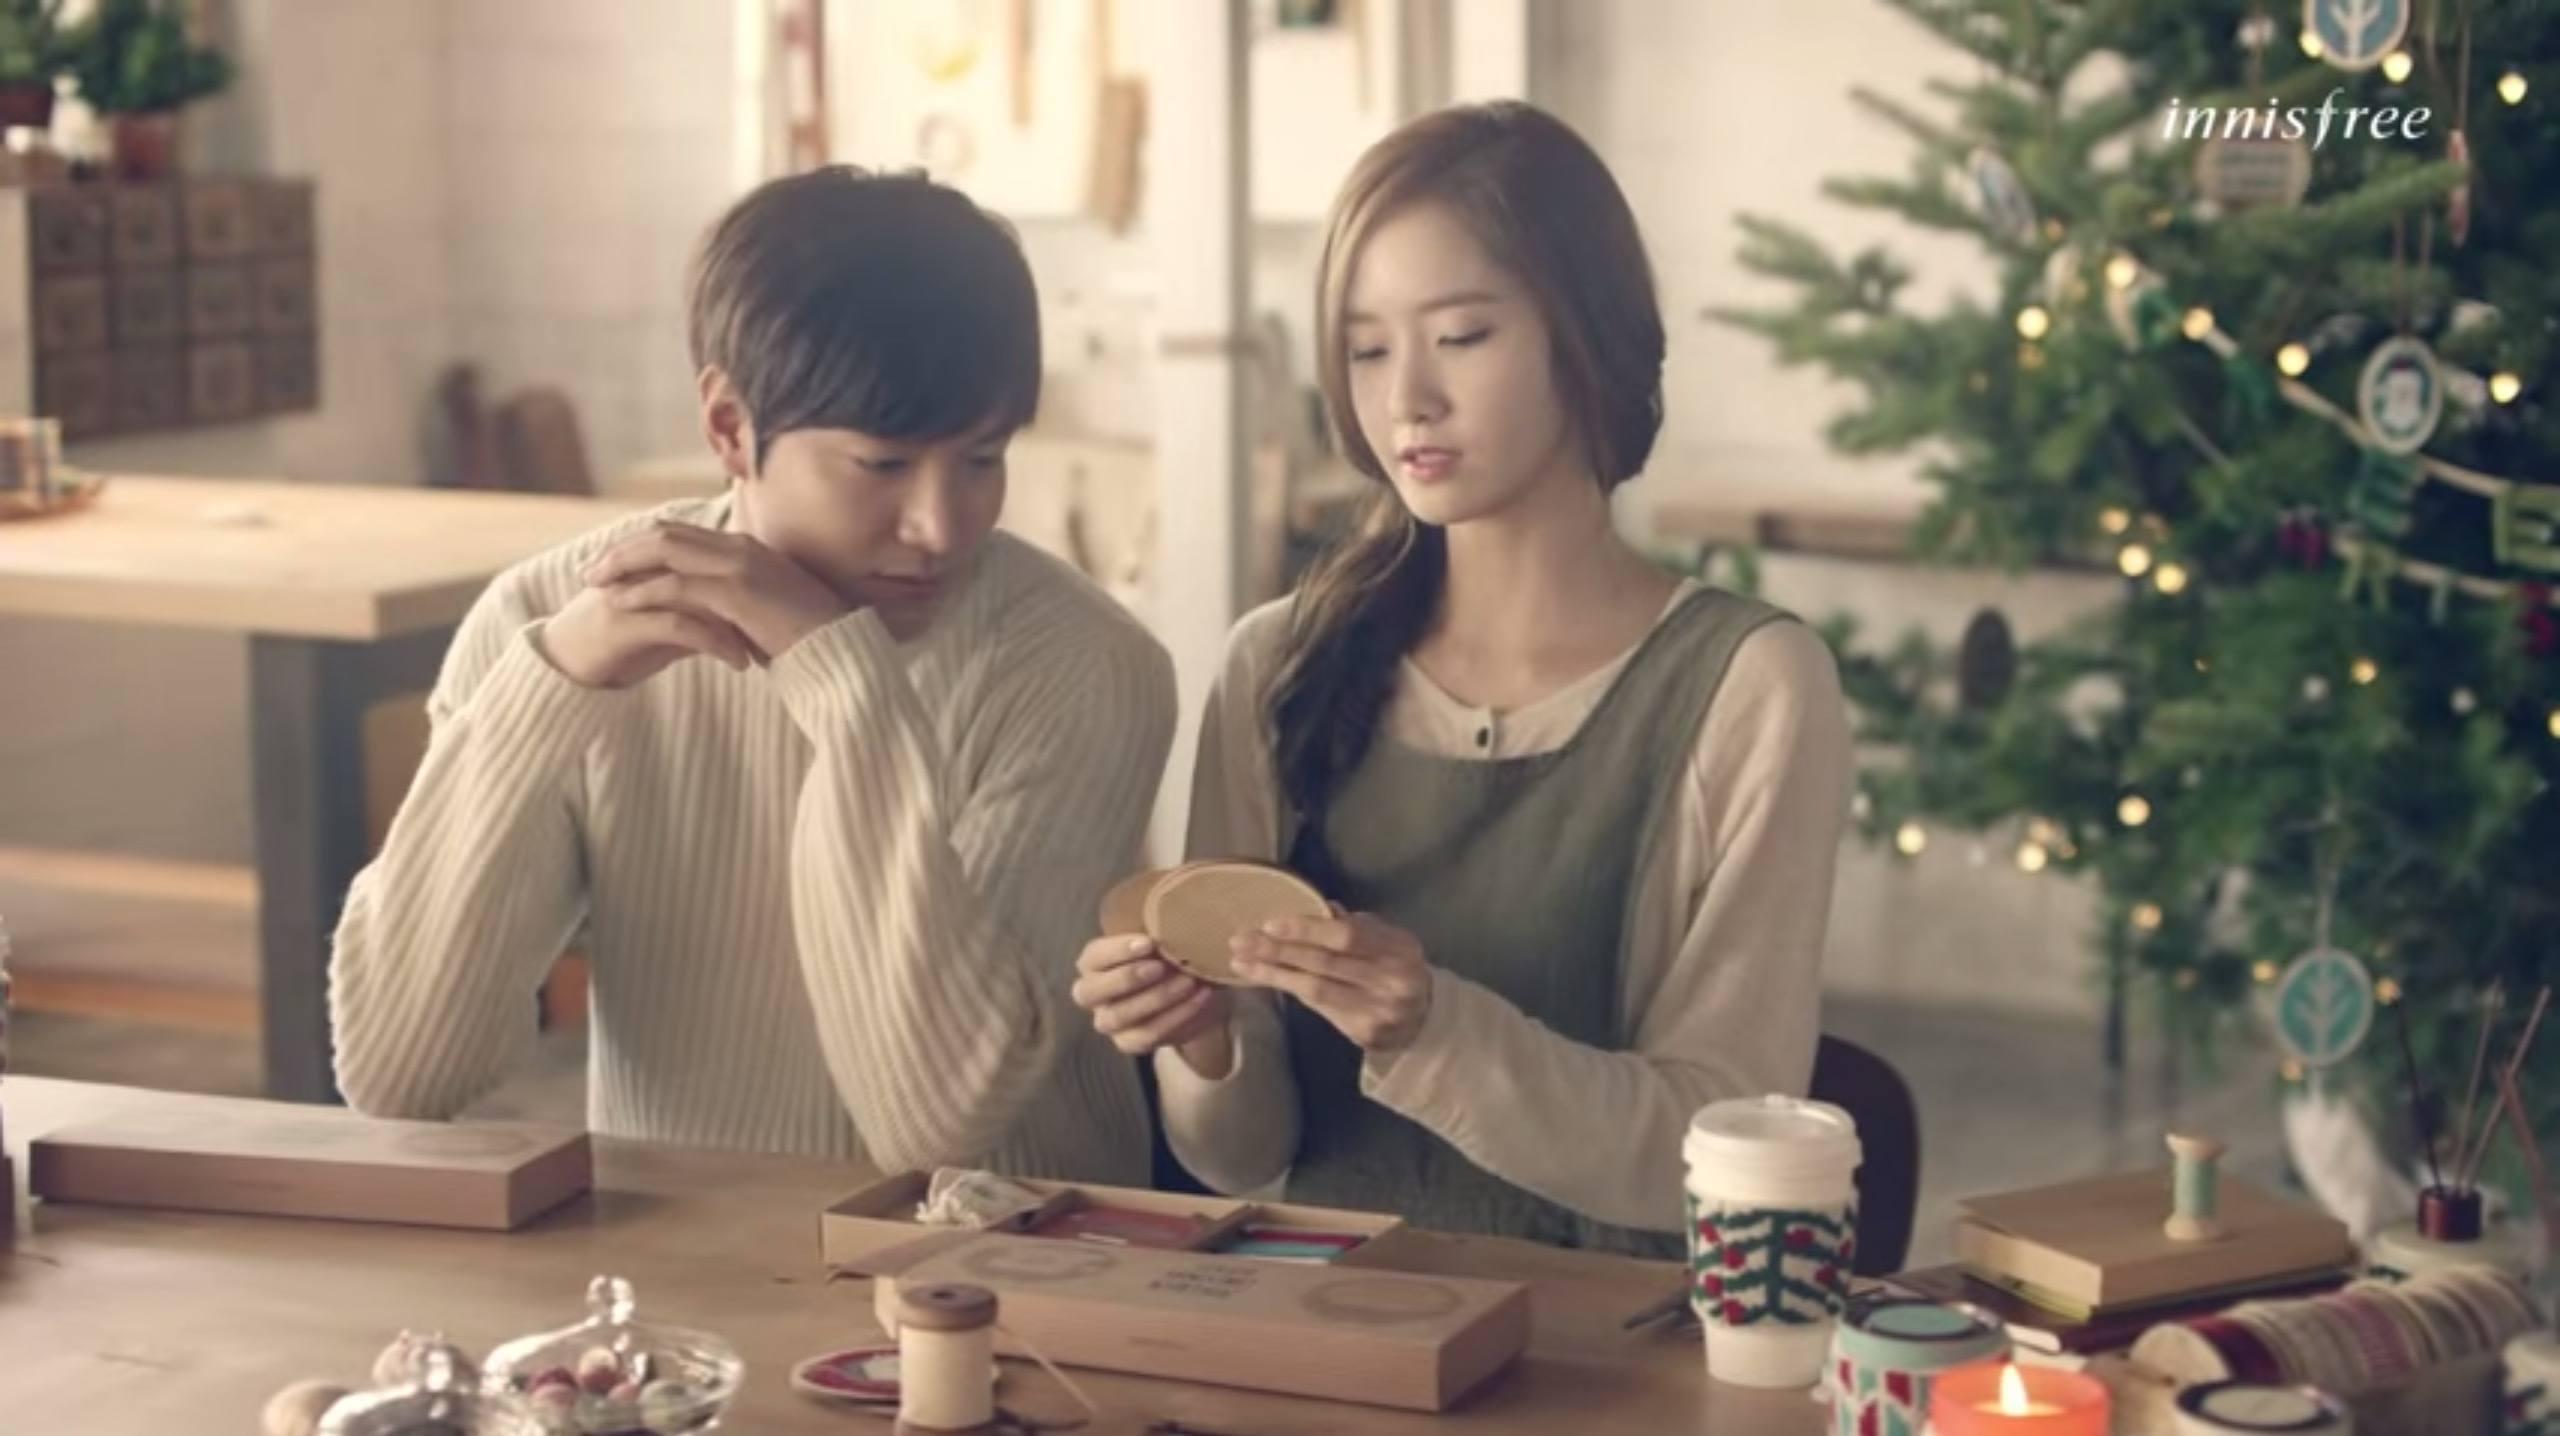 Yoona and lee min ho dating filipina